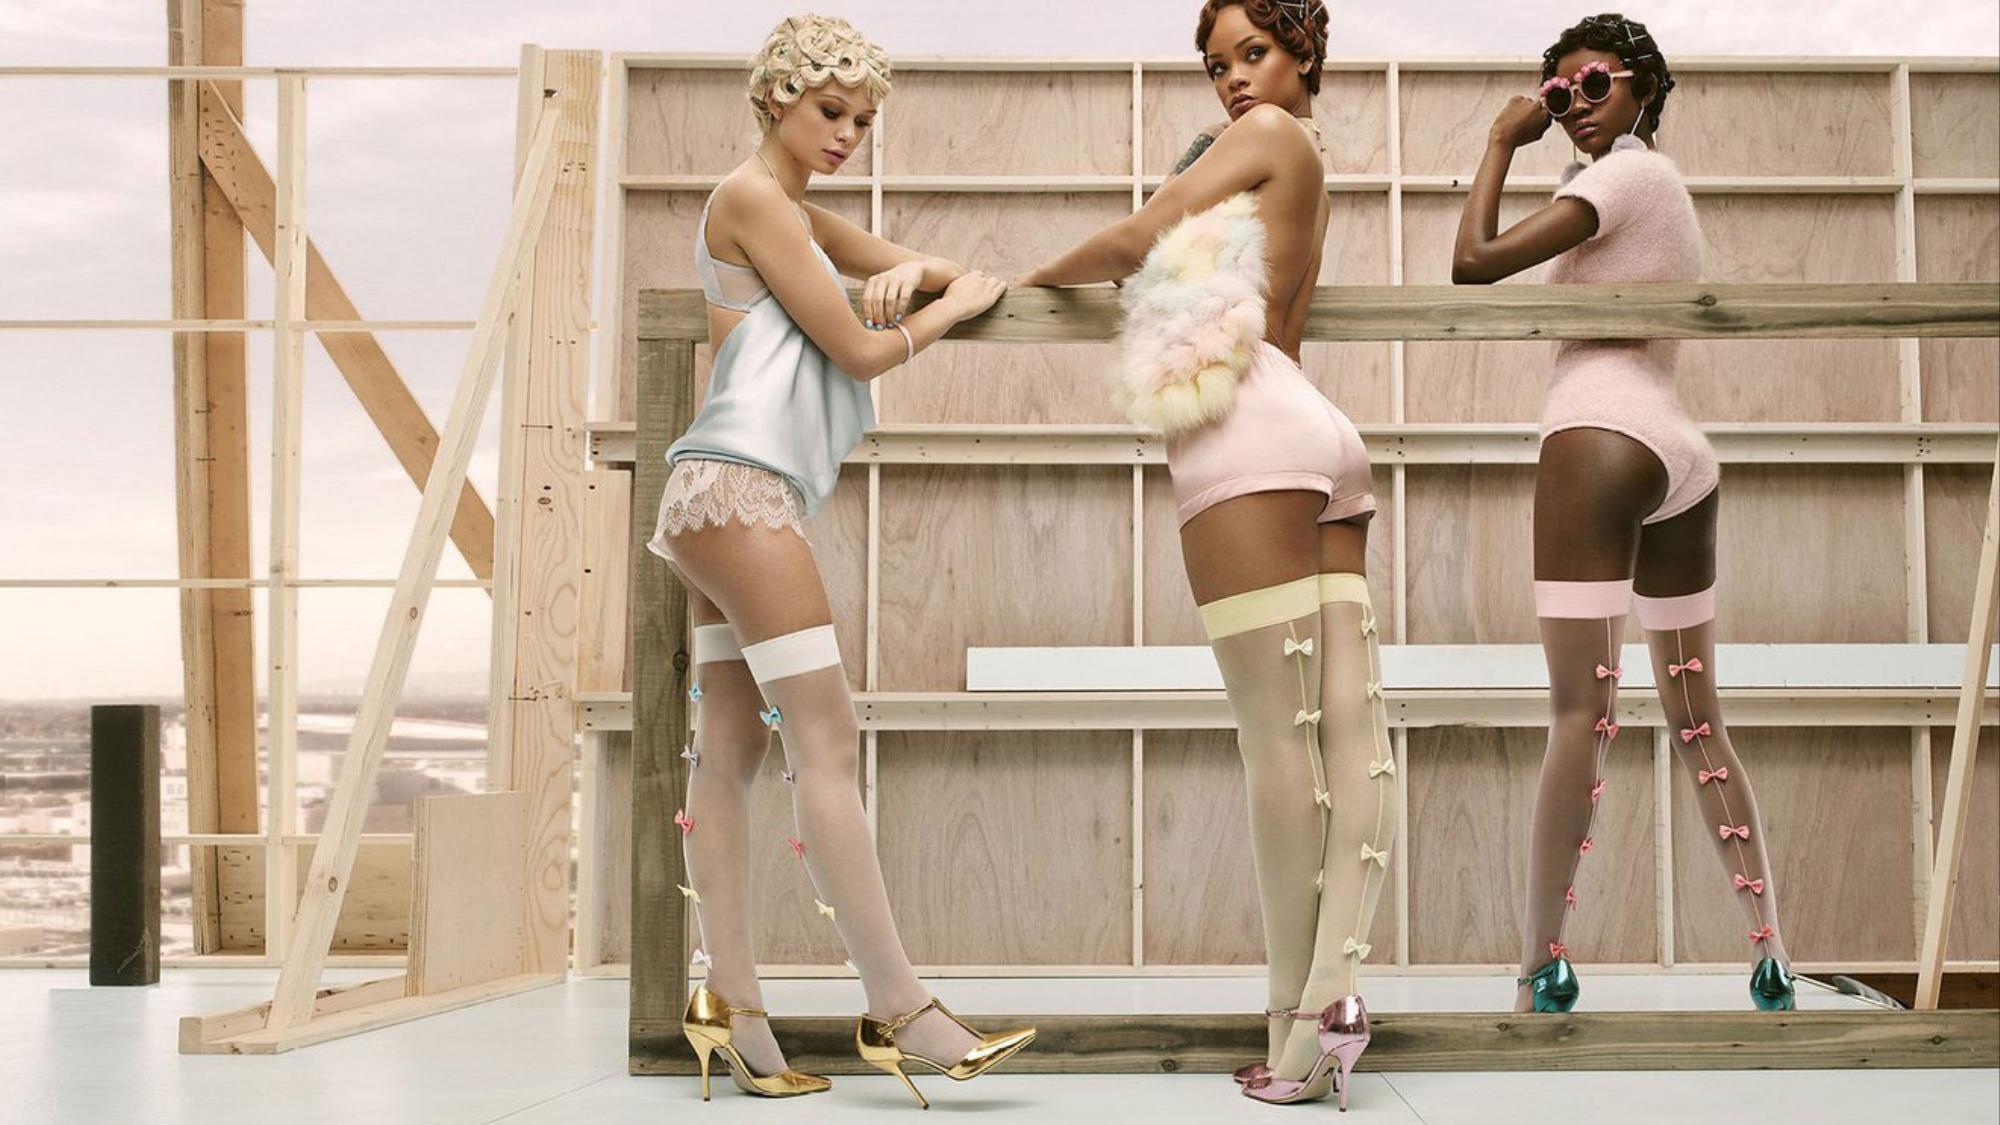 un vistazo al lookbook de la línea de calcetas de rihanna, fenty x stance